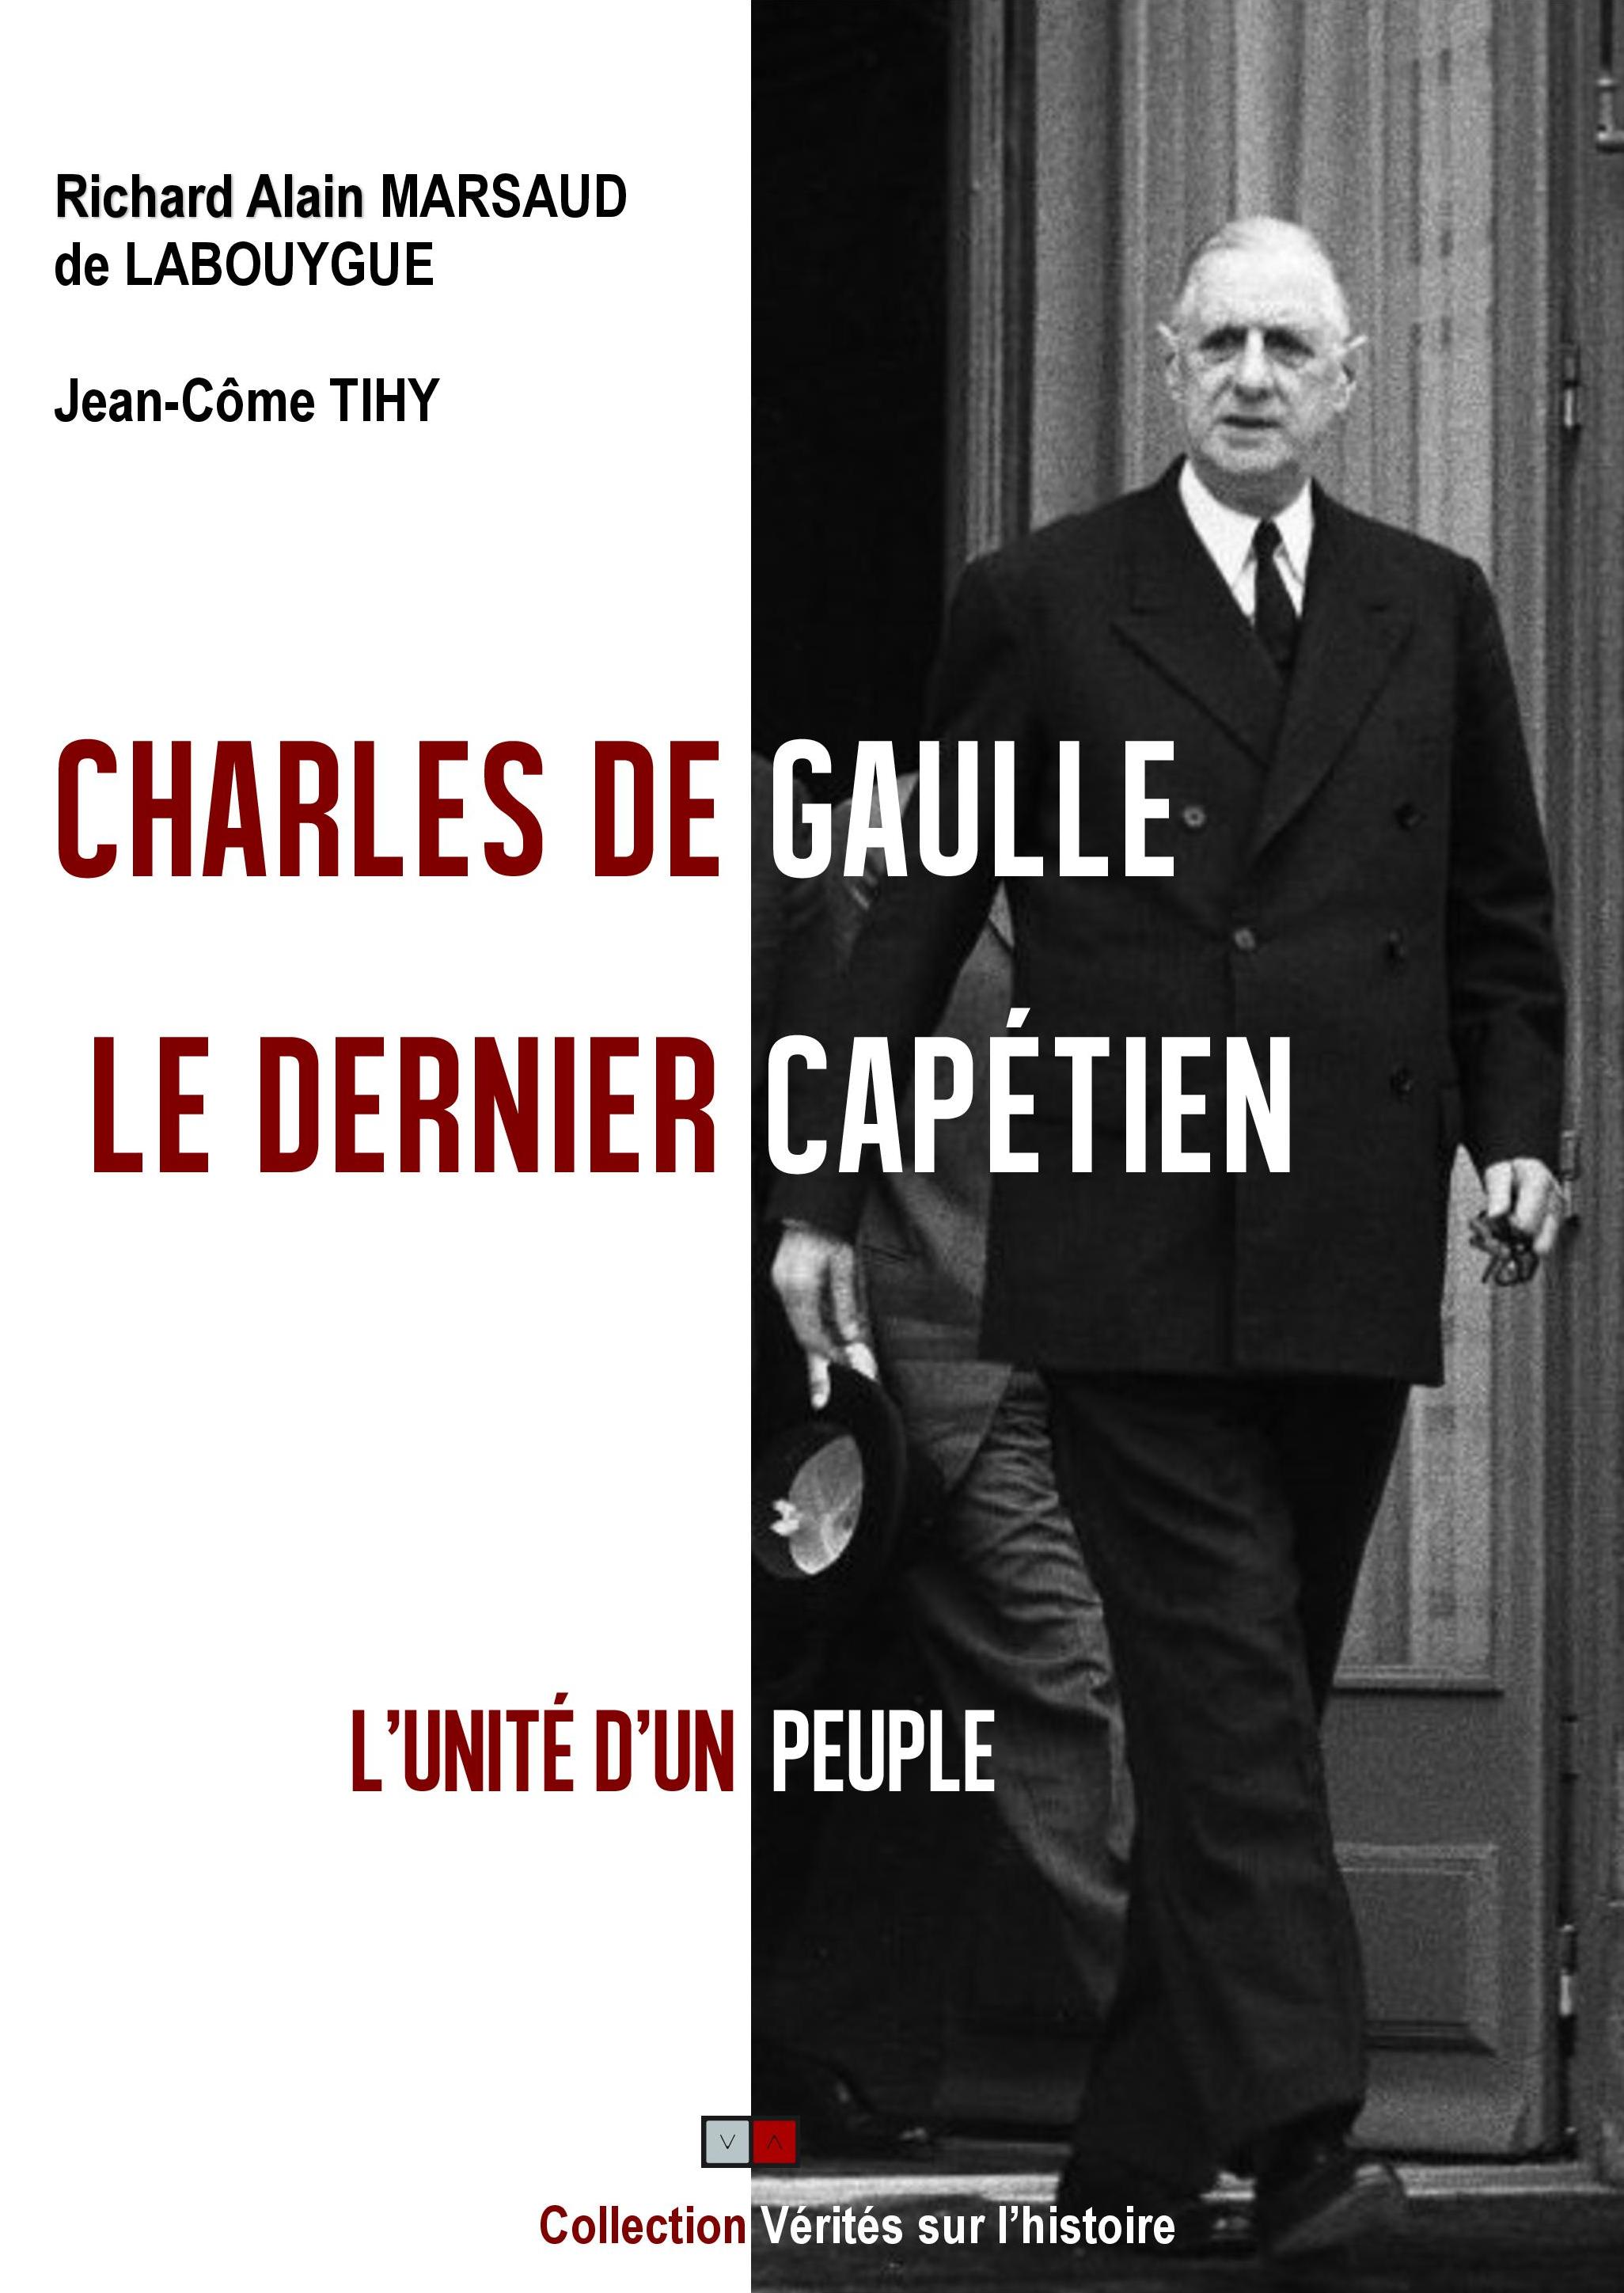 Charles de GAULLE, le dernier capétien